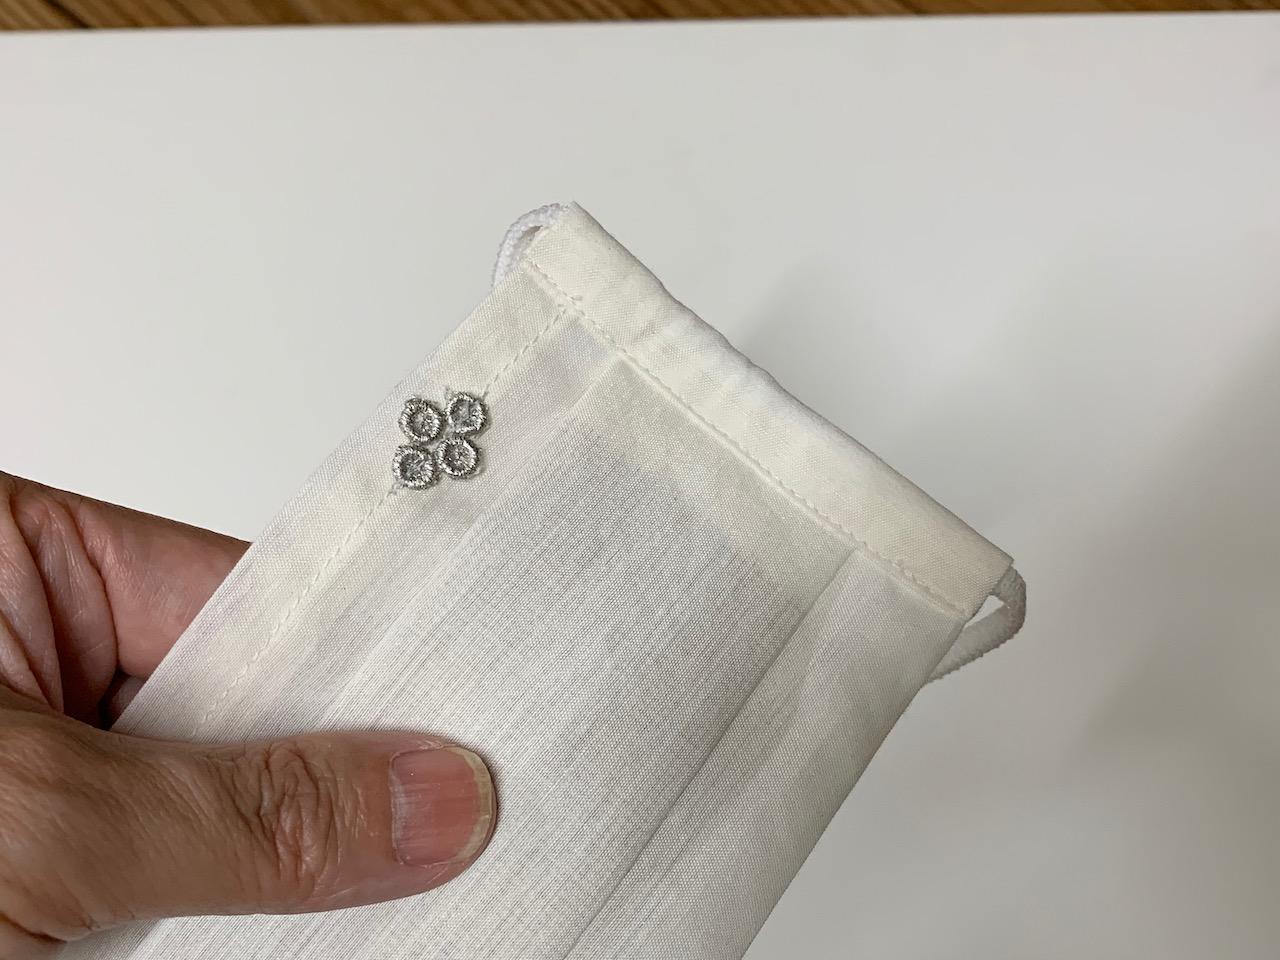 お出かけマスク、ワンタックプリーツマスク「プラチナ箔 菱形ワンポイント」医化学的繊維と銀の糸を使った抗菌防臭